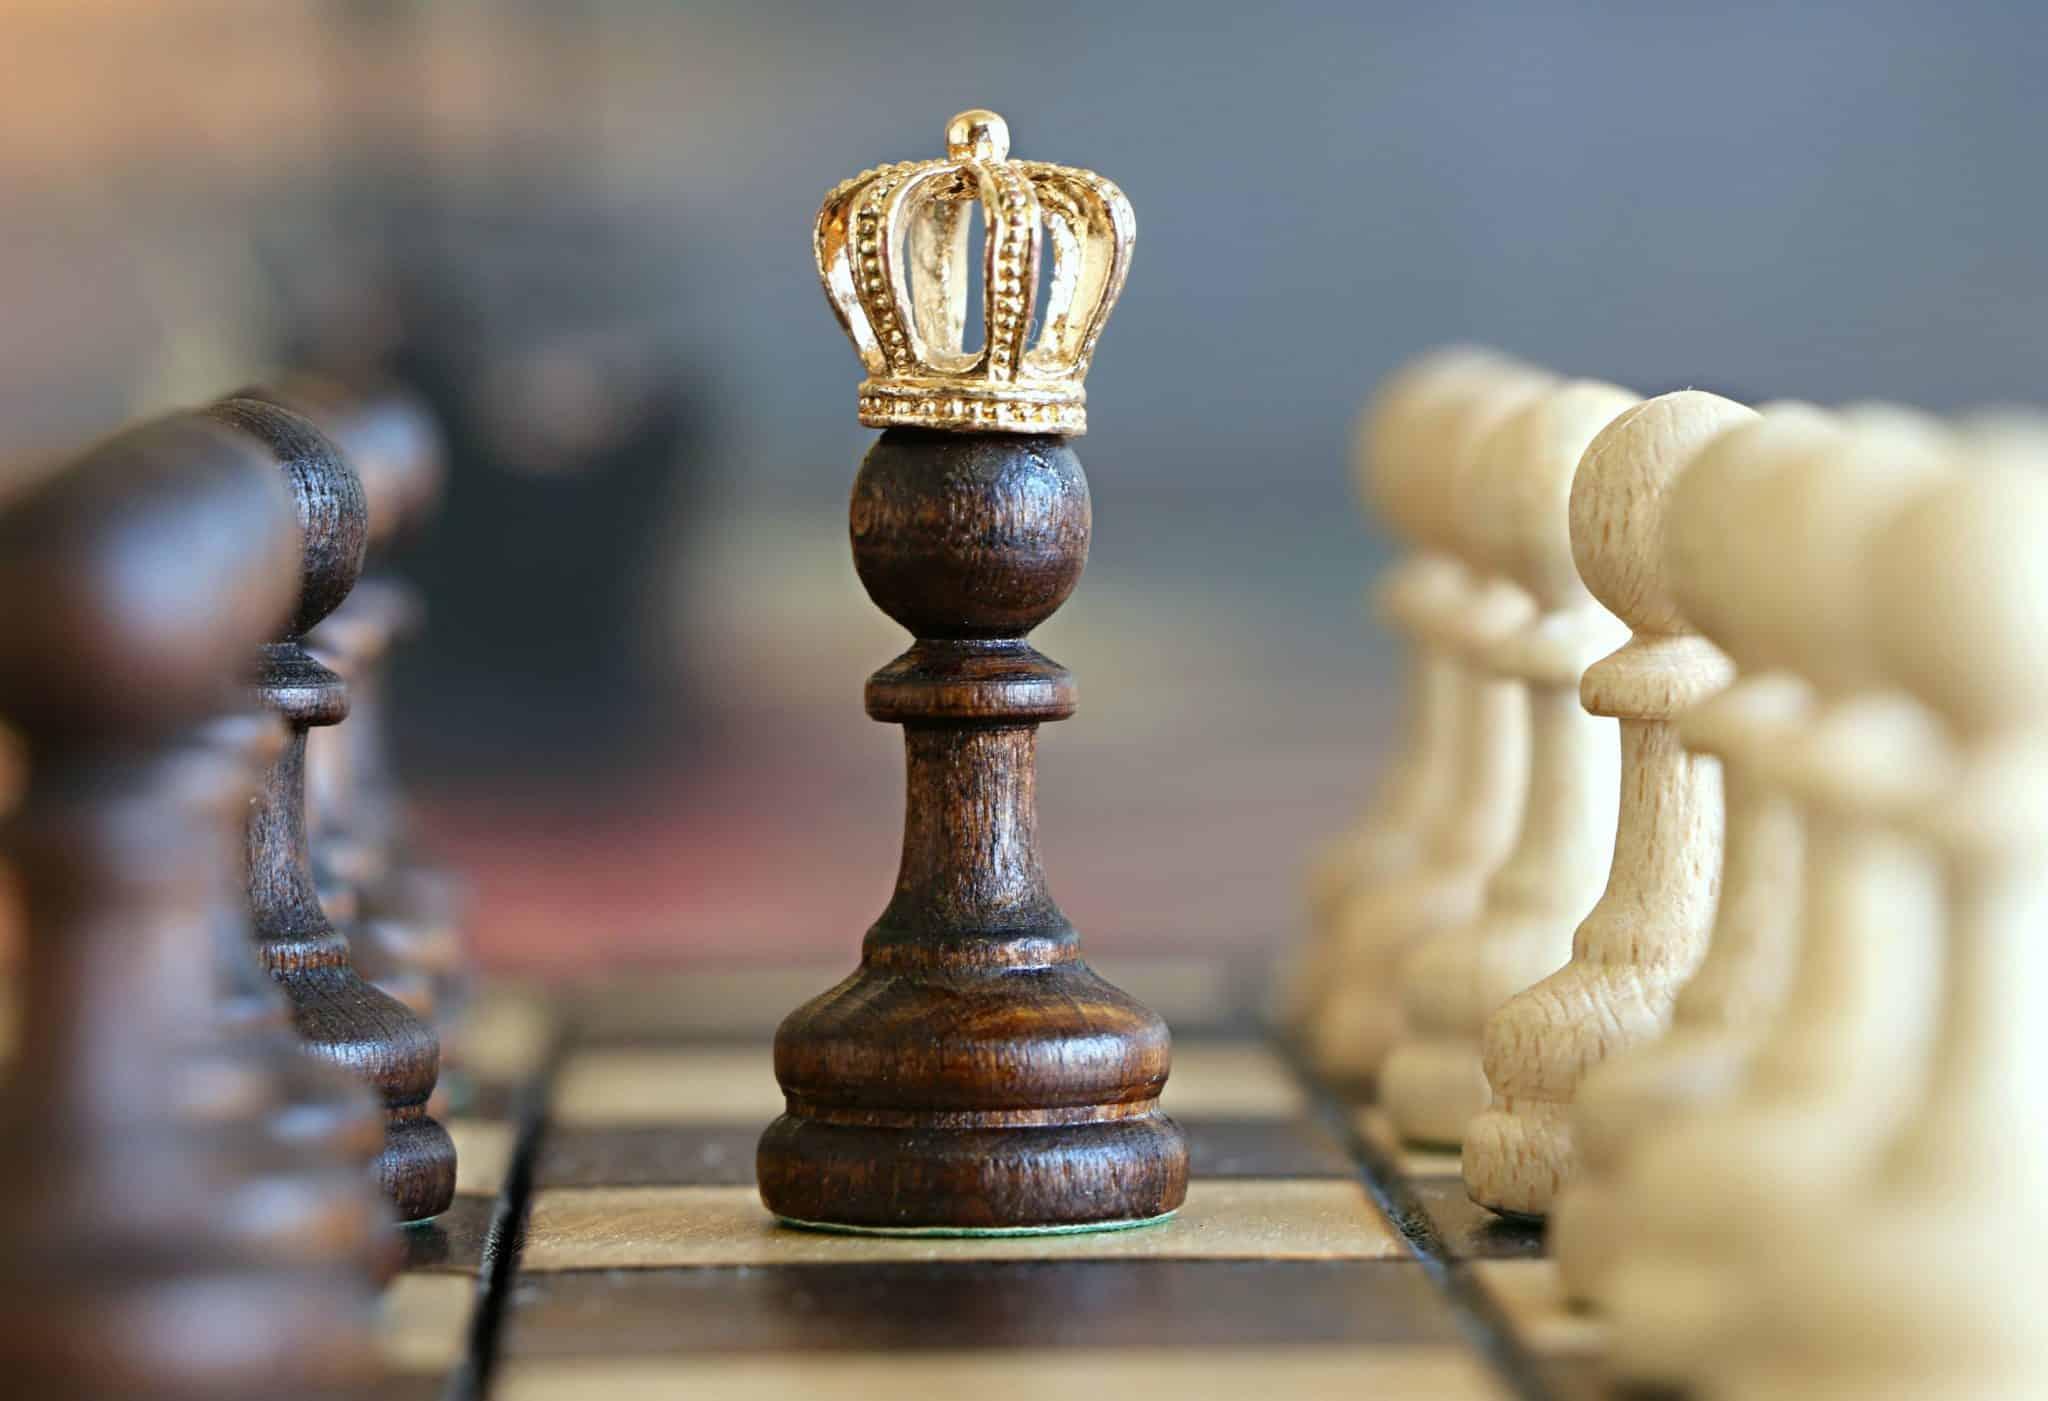 Dna - nemoc králů, která útočí i dnes 7